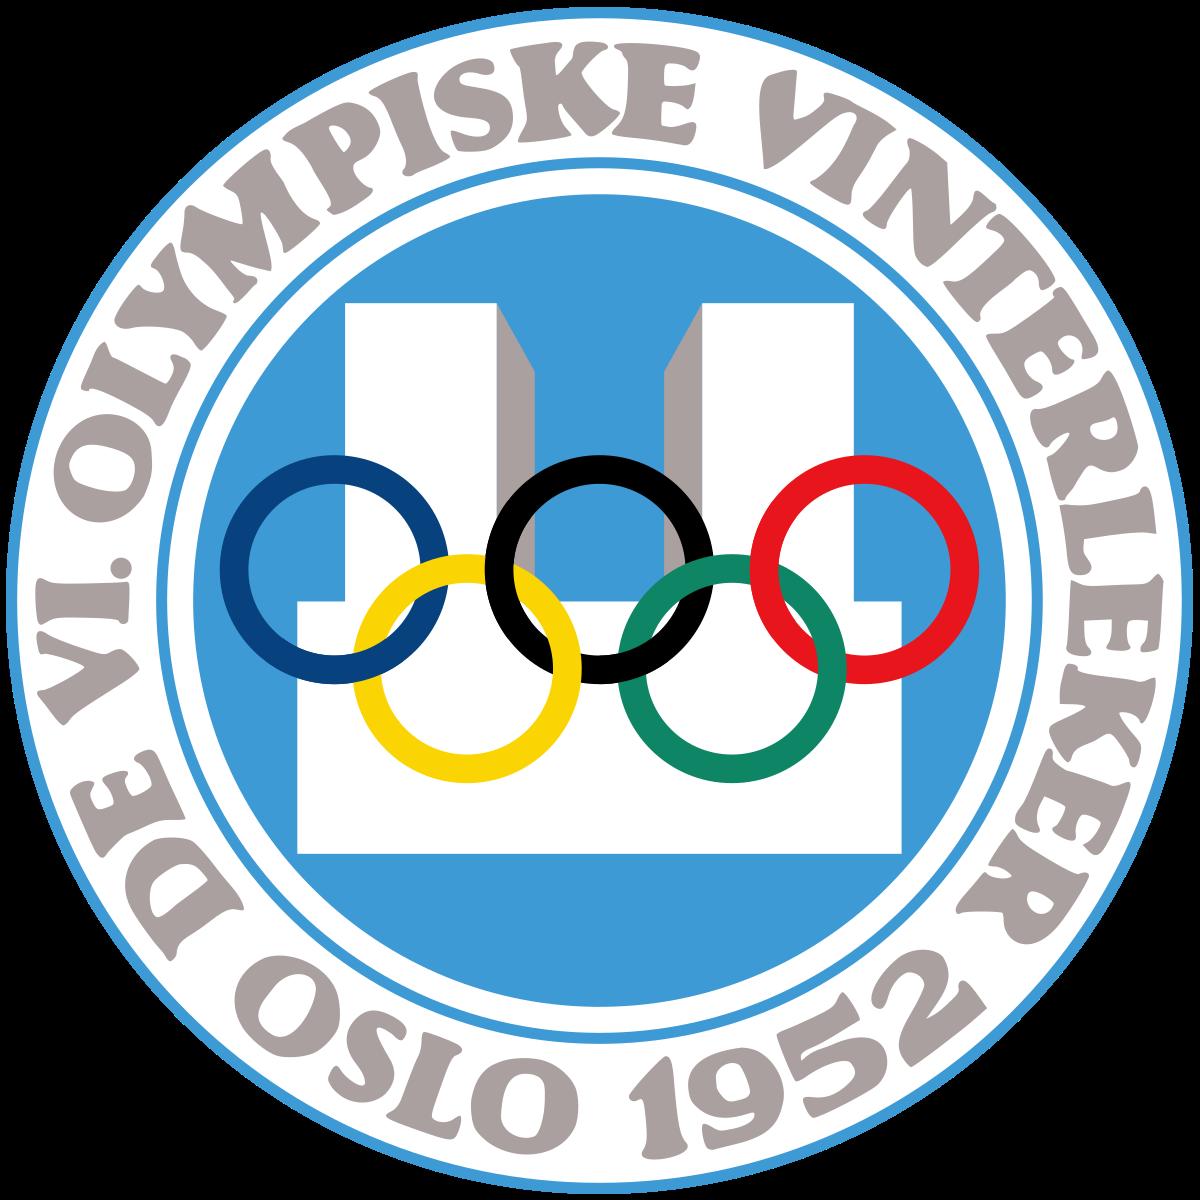 14 февраля 1952 года открылись VI зимние Олимпийские игры в Осло (Норвегия)